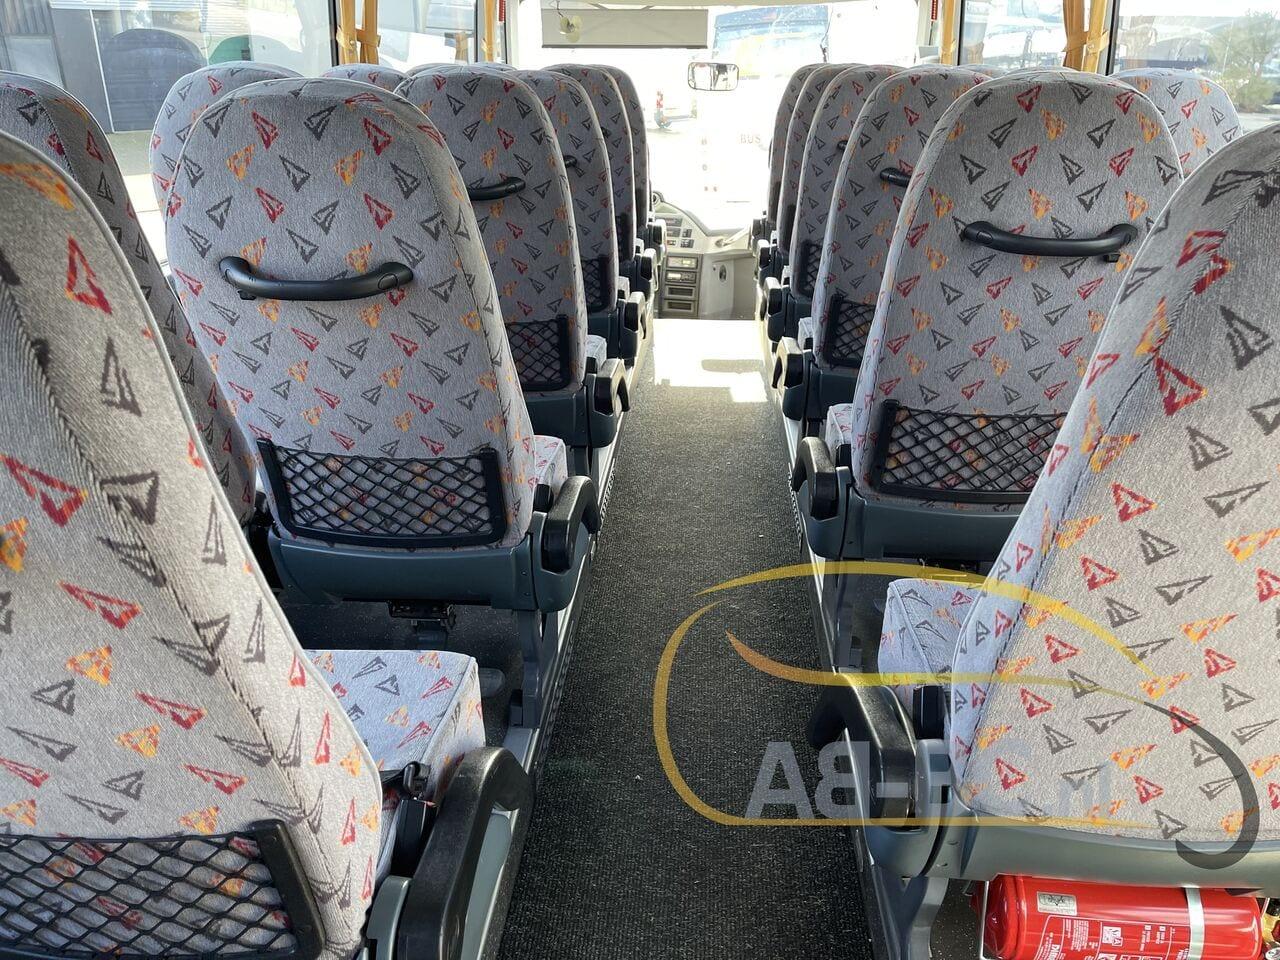 coach-busTEMSA-Safari-RD-53-Seats-DAF-Motor-12-mtr---1616166832408873594_big_8dc4f1943c9462483d774648366bdefd--21031917053743807500